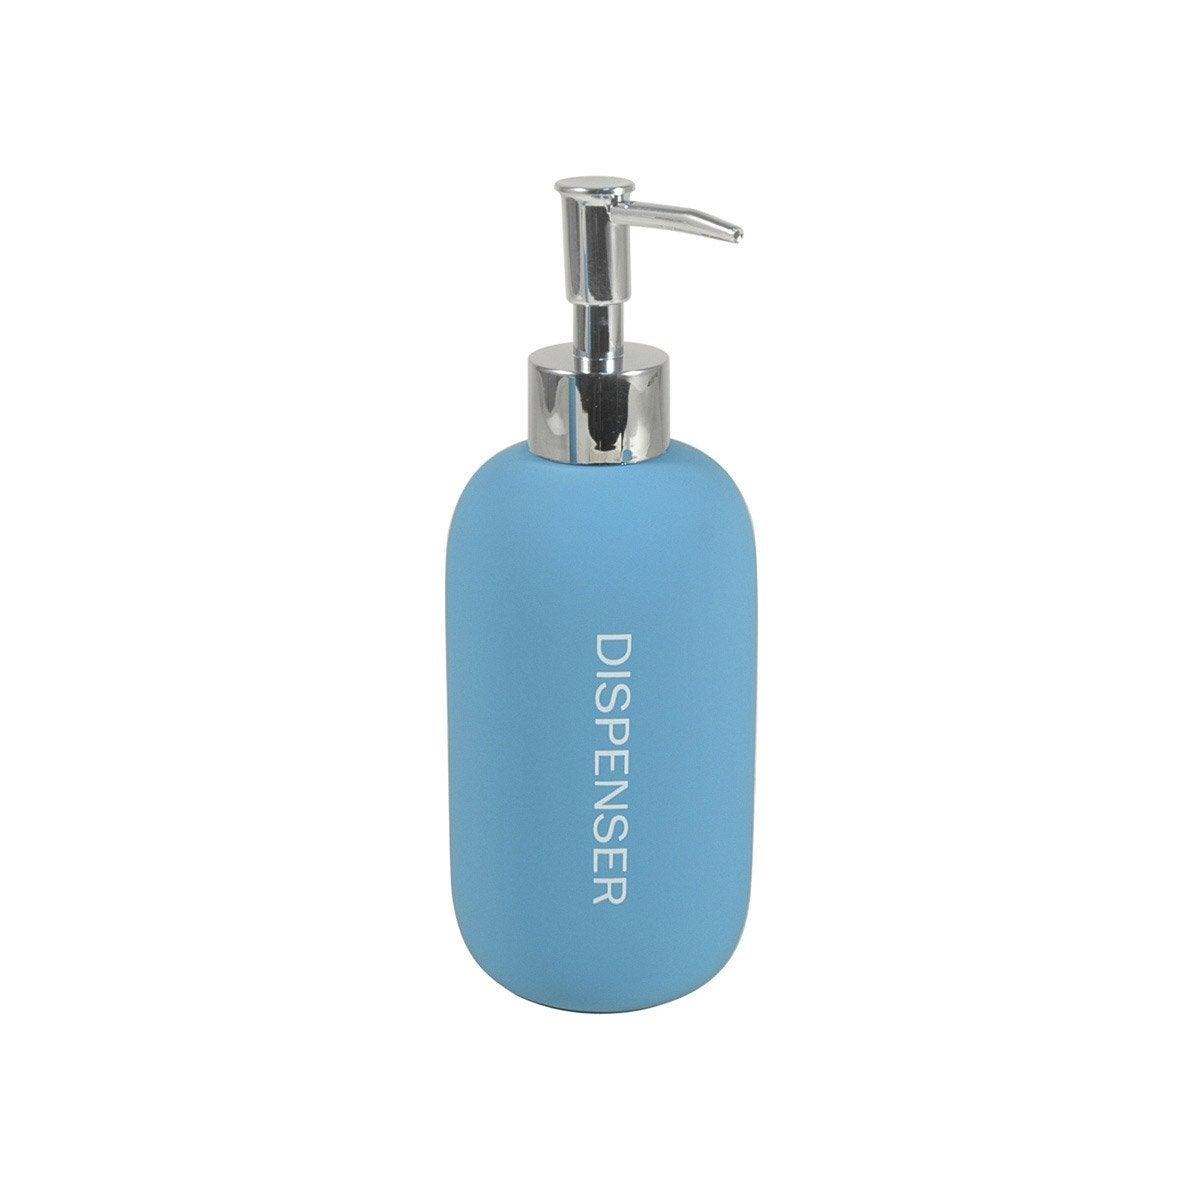 distributeur de savon bubble gum bleu atoll 4 leroy merlin. Black Bedroom Furniture Sets. Home Design Ideas